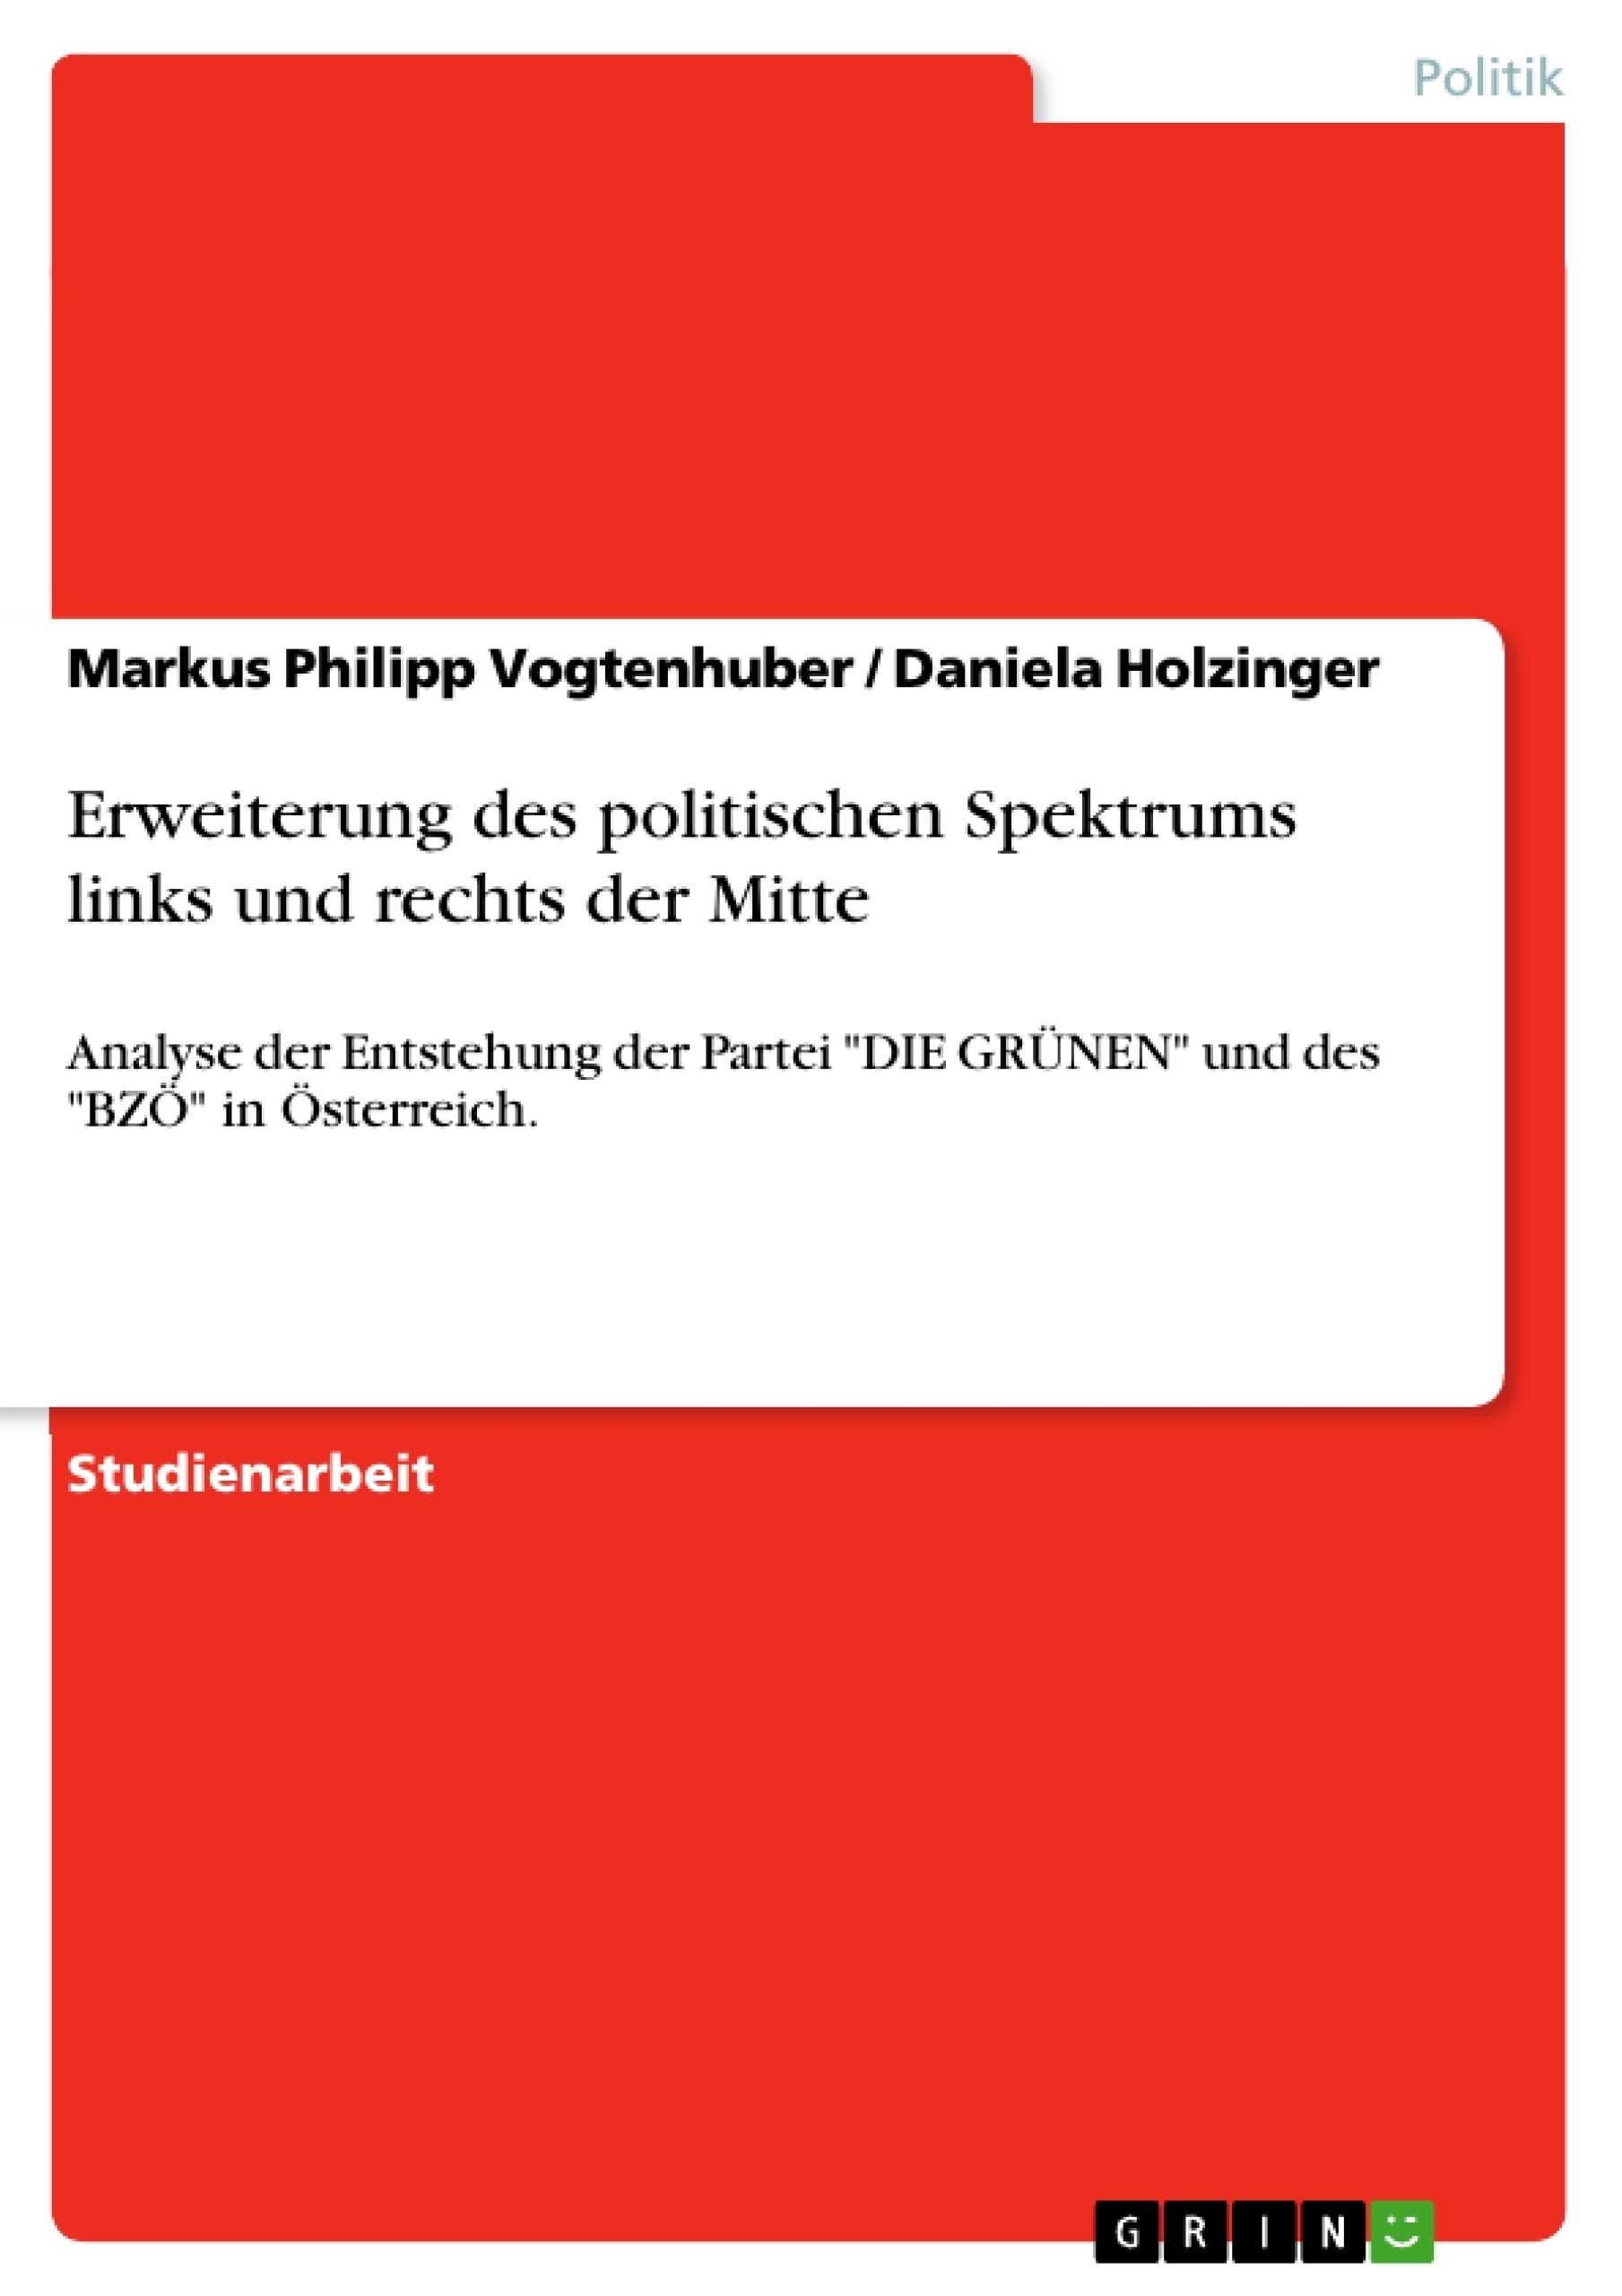 Titel: Erweiterung des politischen Spektrums links und rechts der Mitte